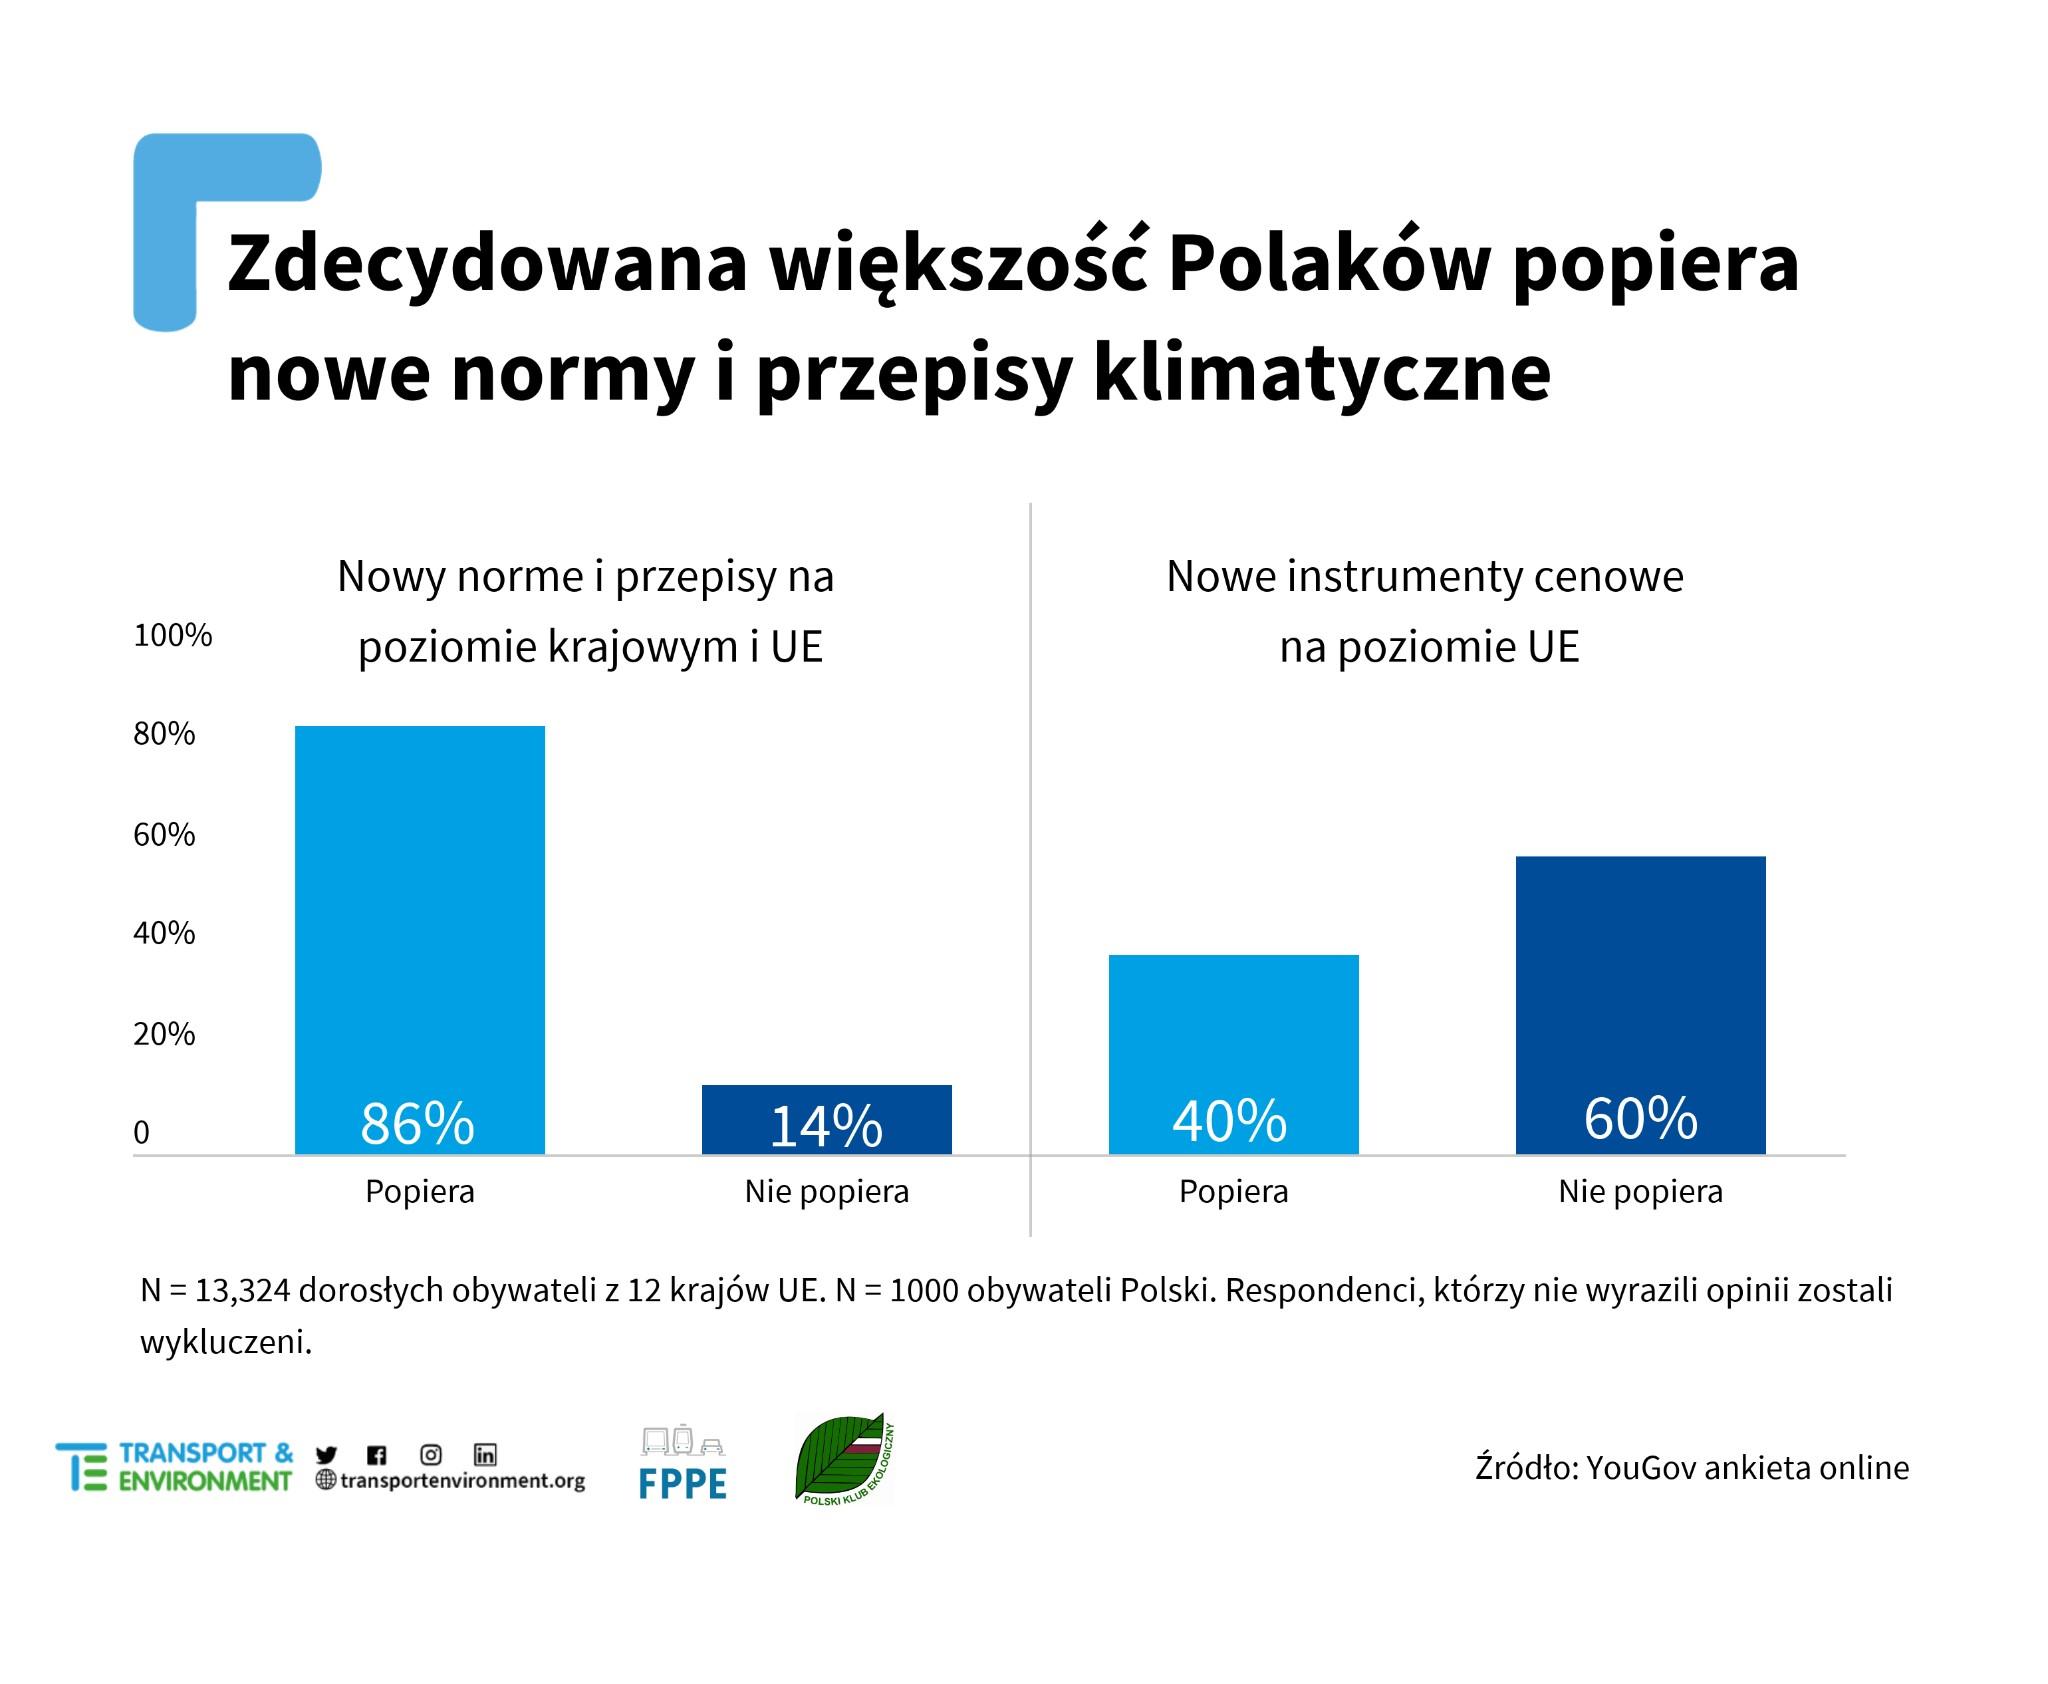 zdecydowana większość Polaków popiera nowe normy iprzepisy klimatyczne